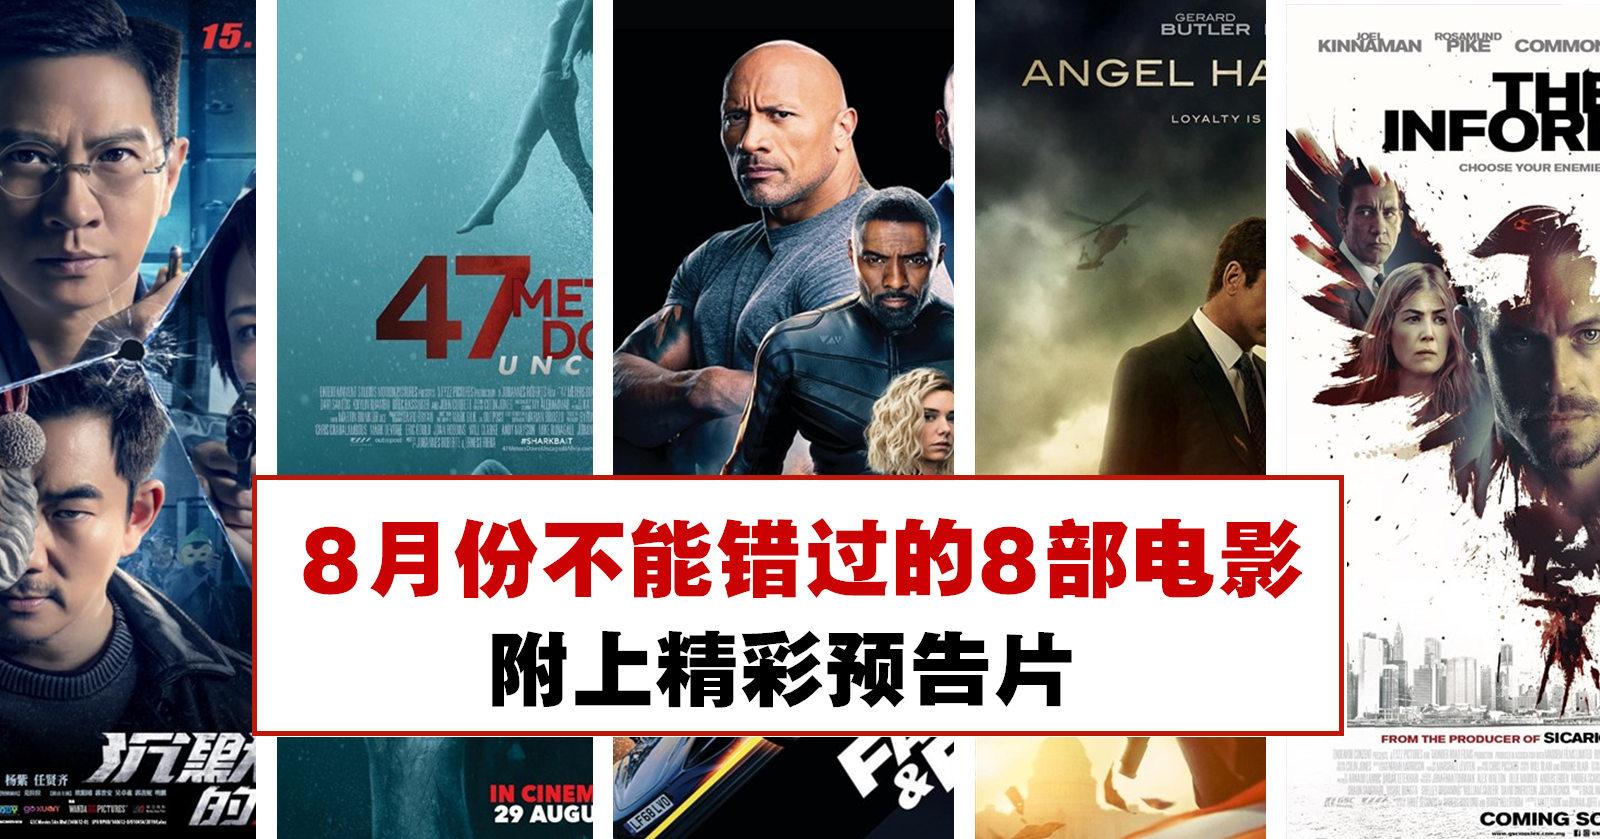 8月份不能错过的8部电影